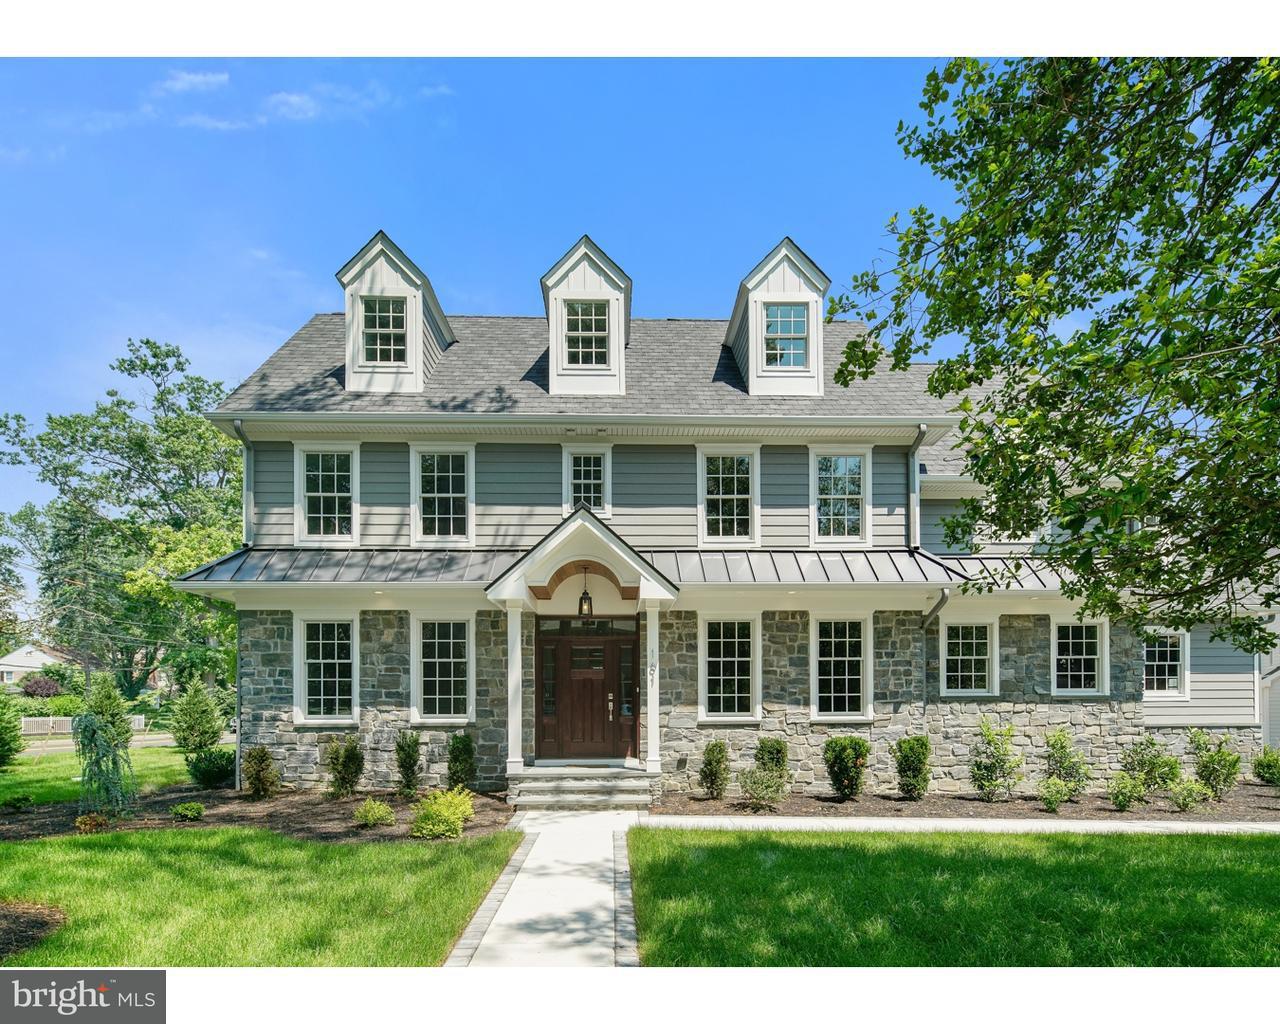 Частный односемейный дом для того Продажа на 161 GILL Road Haddonfield, Нью-Джерси 08033 Соединенные Штаты